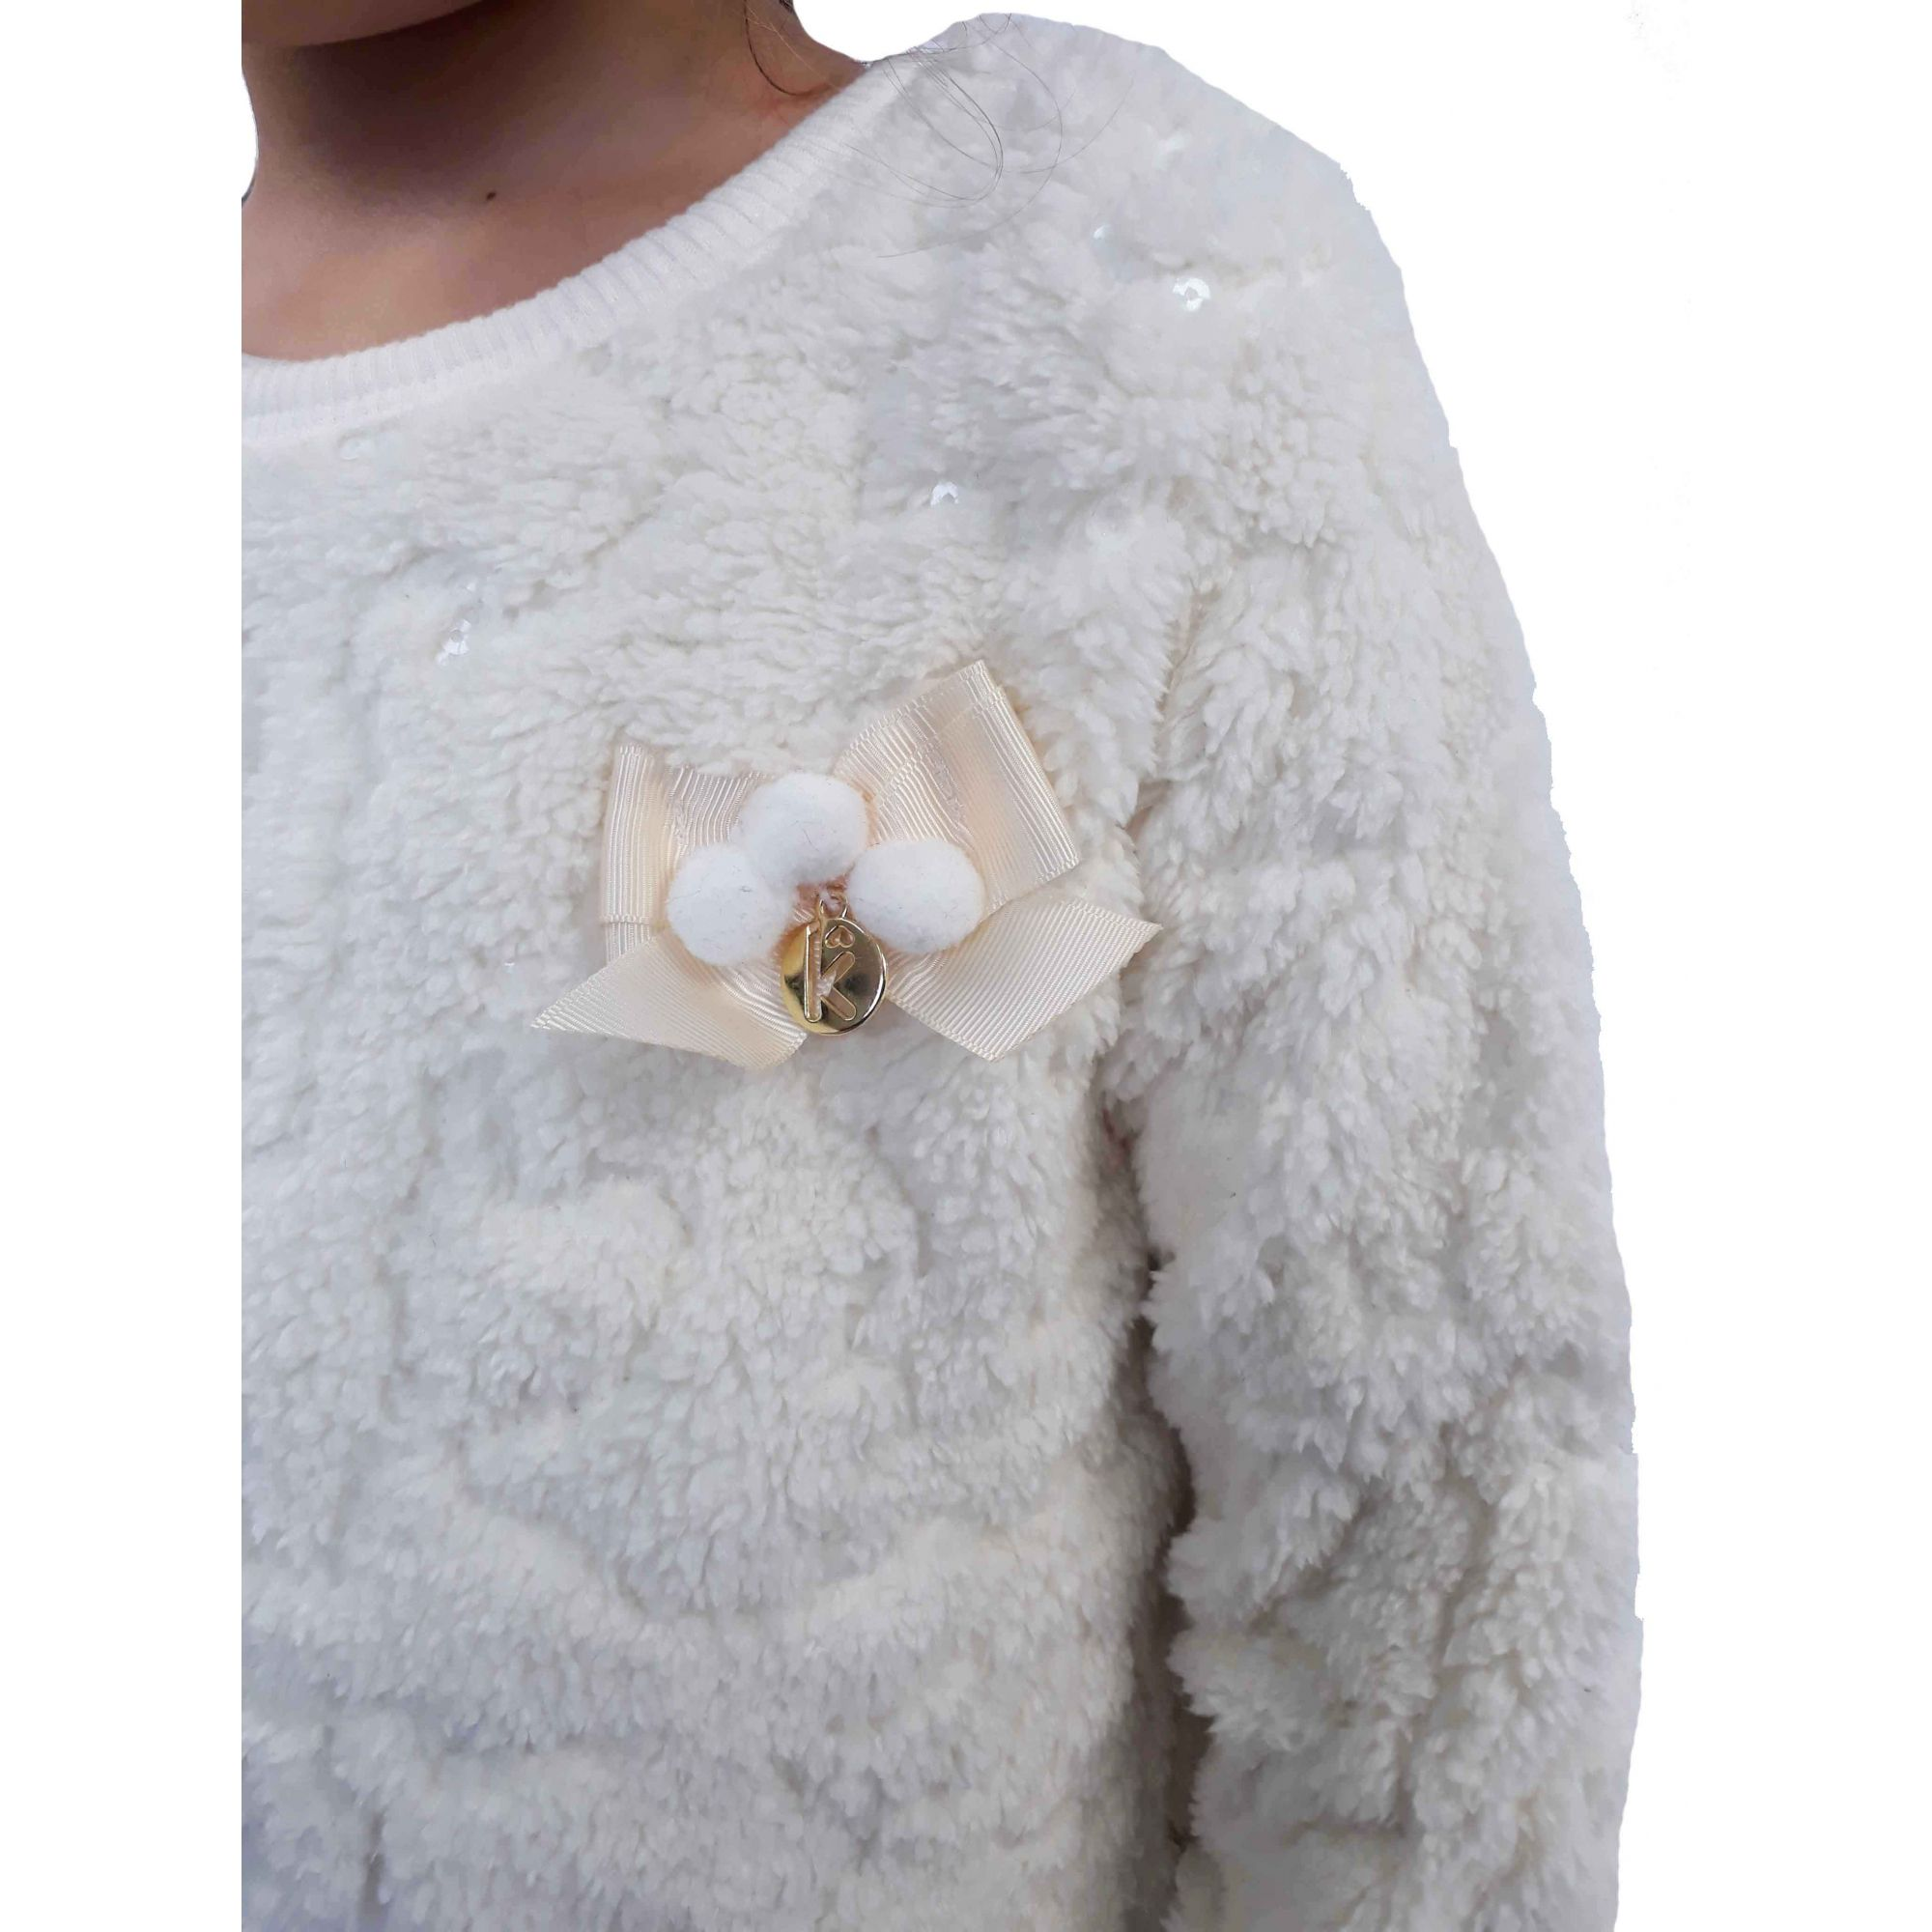 Casaco Kukie Feminino Branco Lã Natural